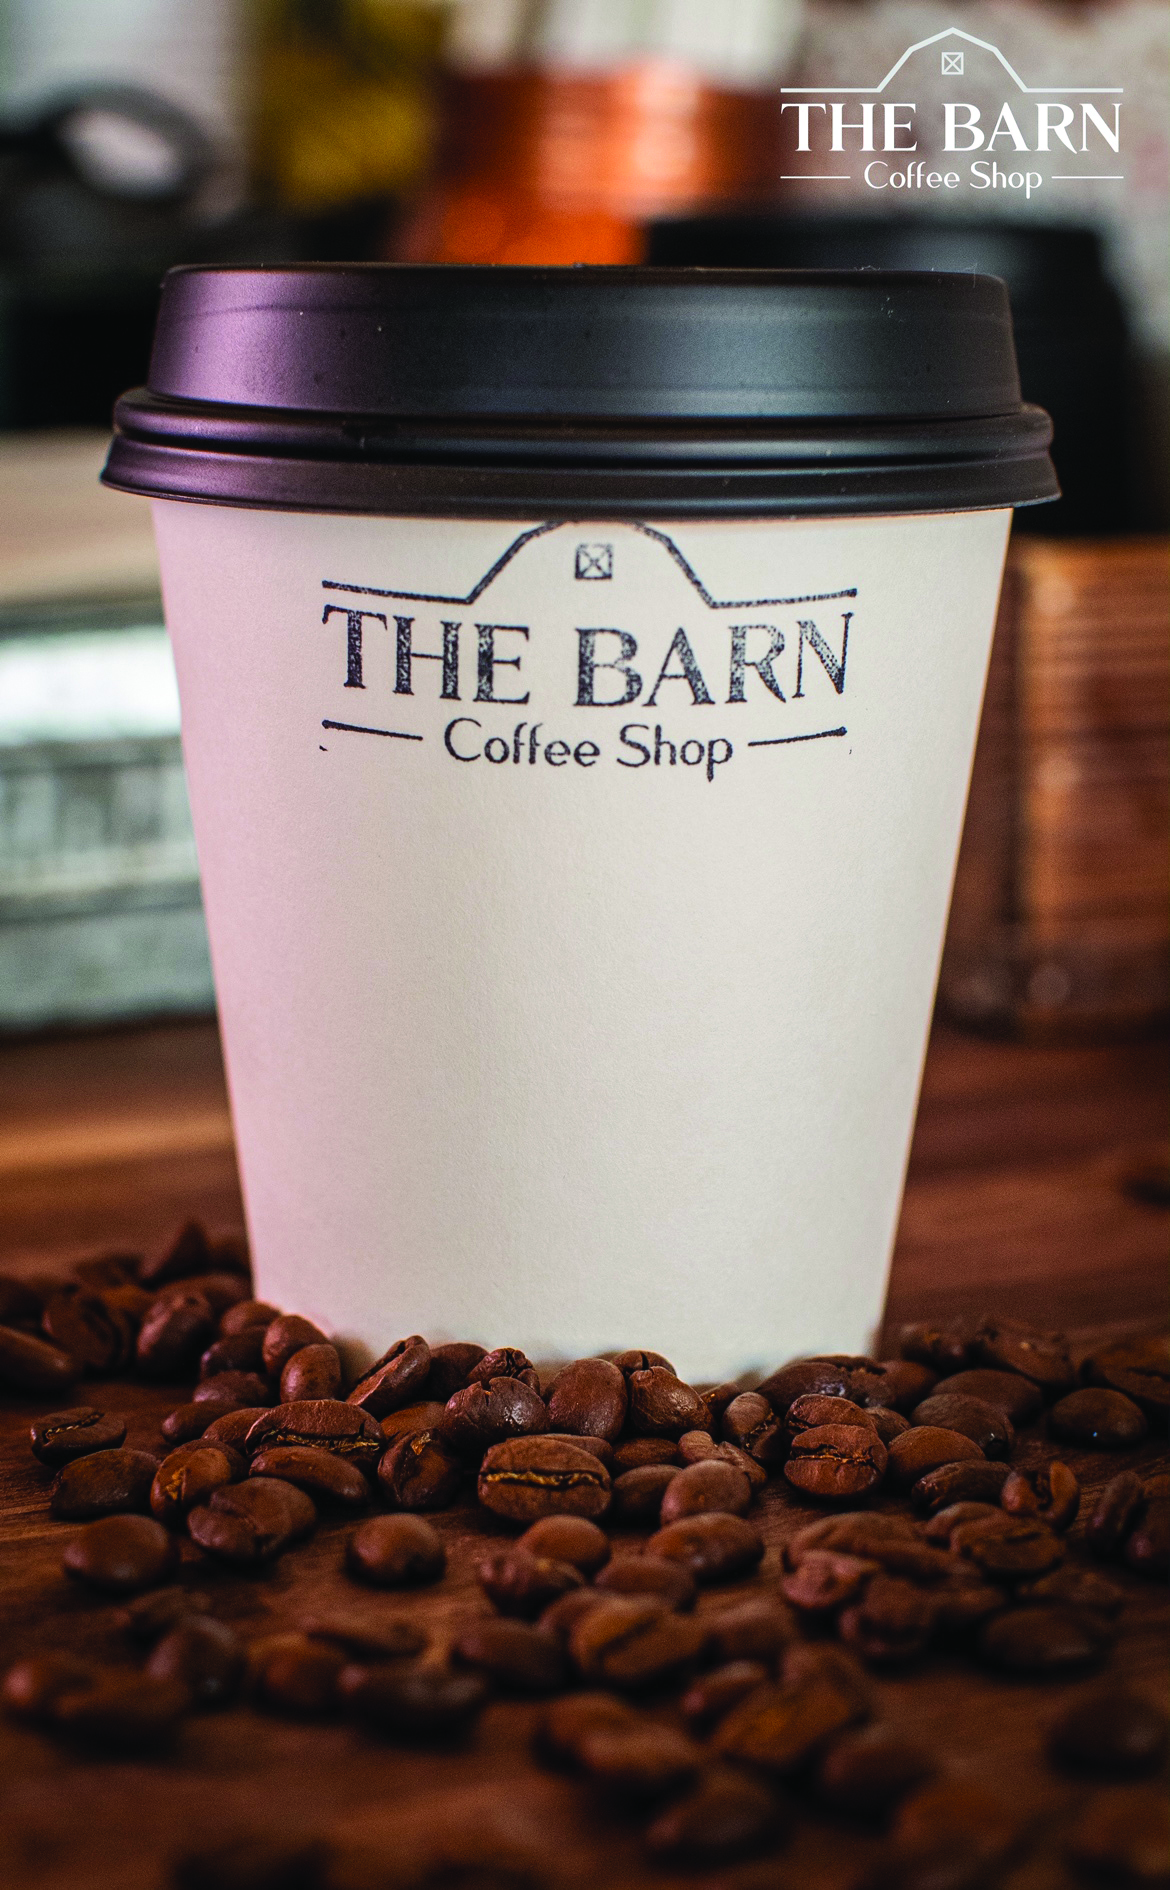 Photo/The Barn Coffee Shop